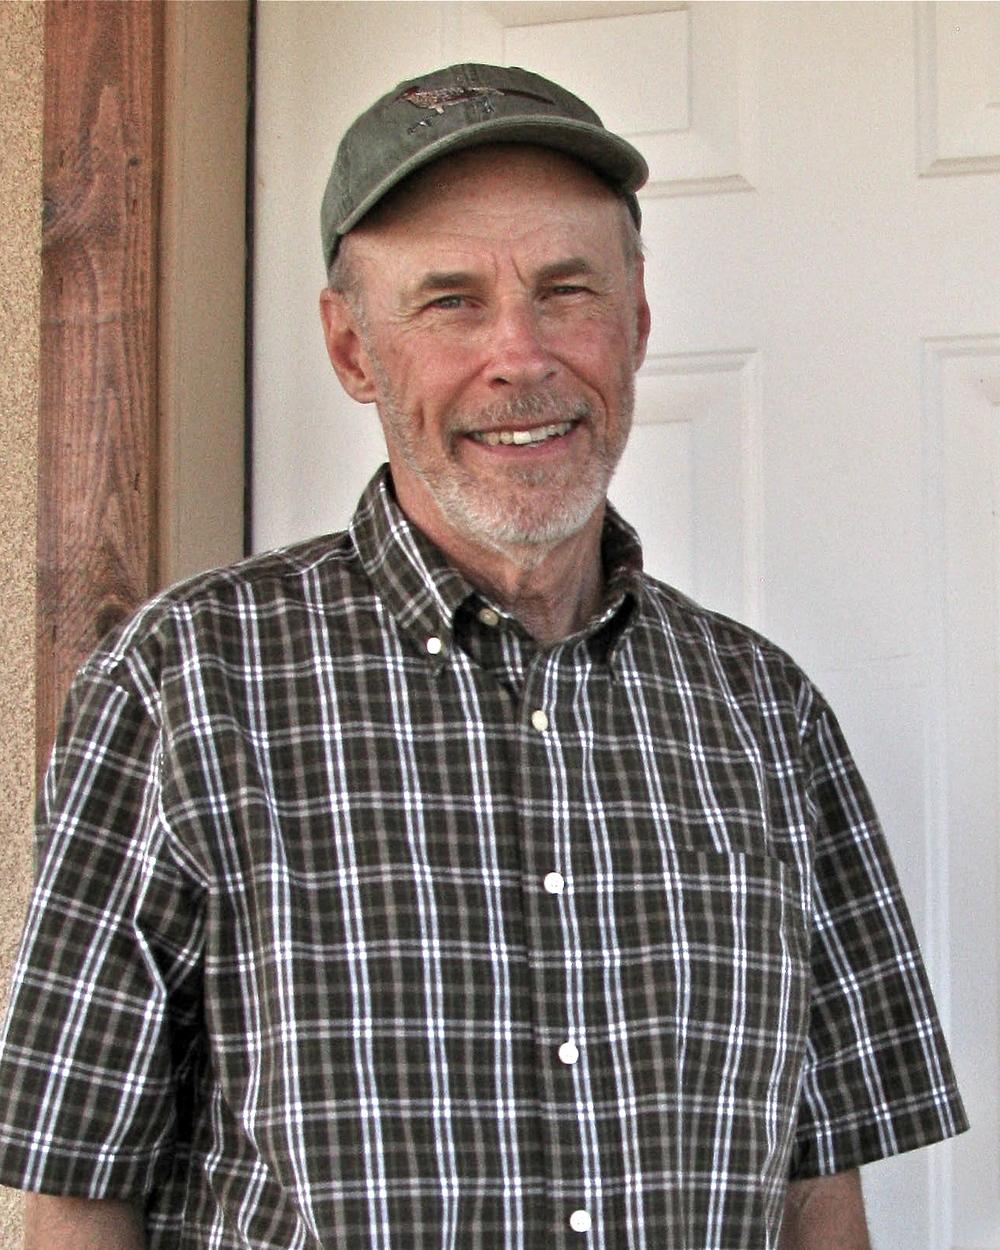 Doug in retirement